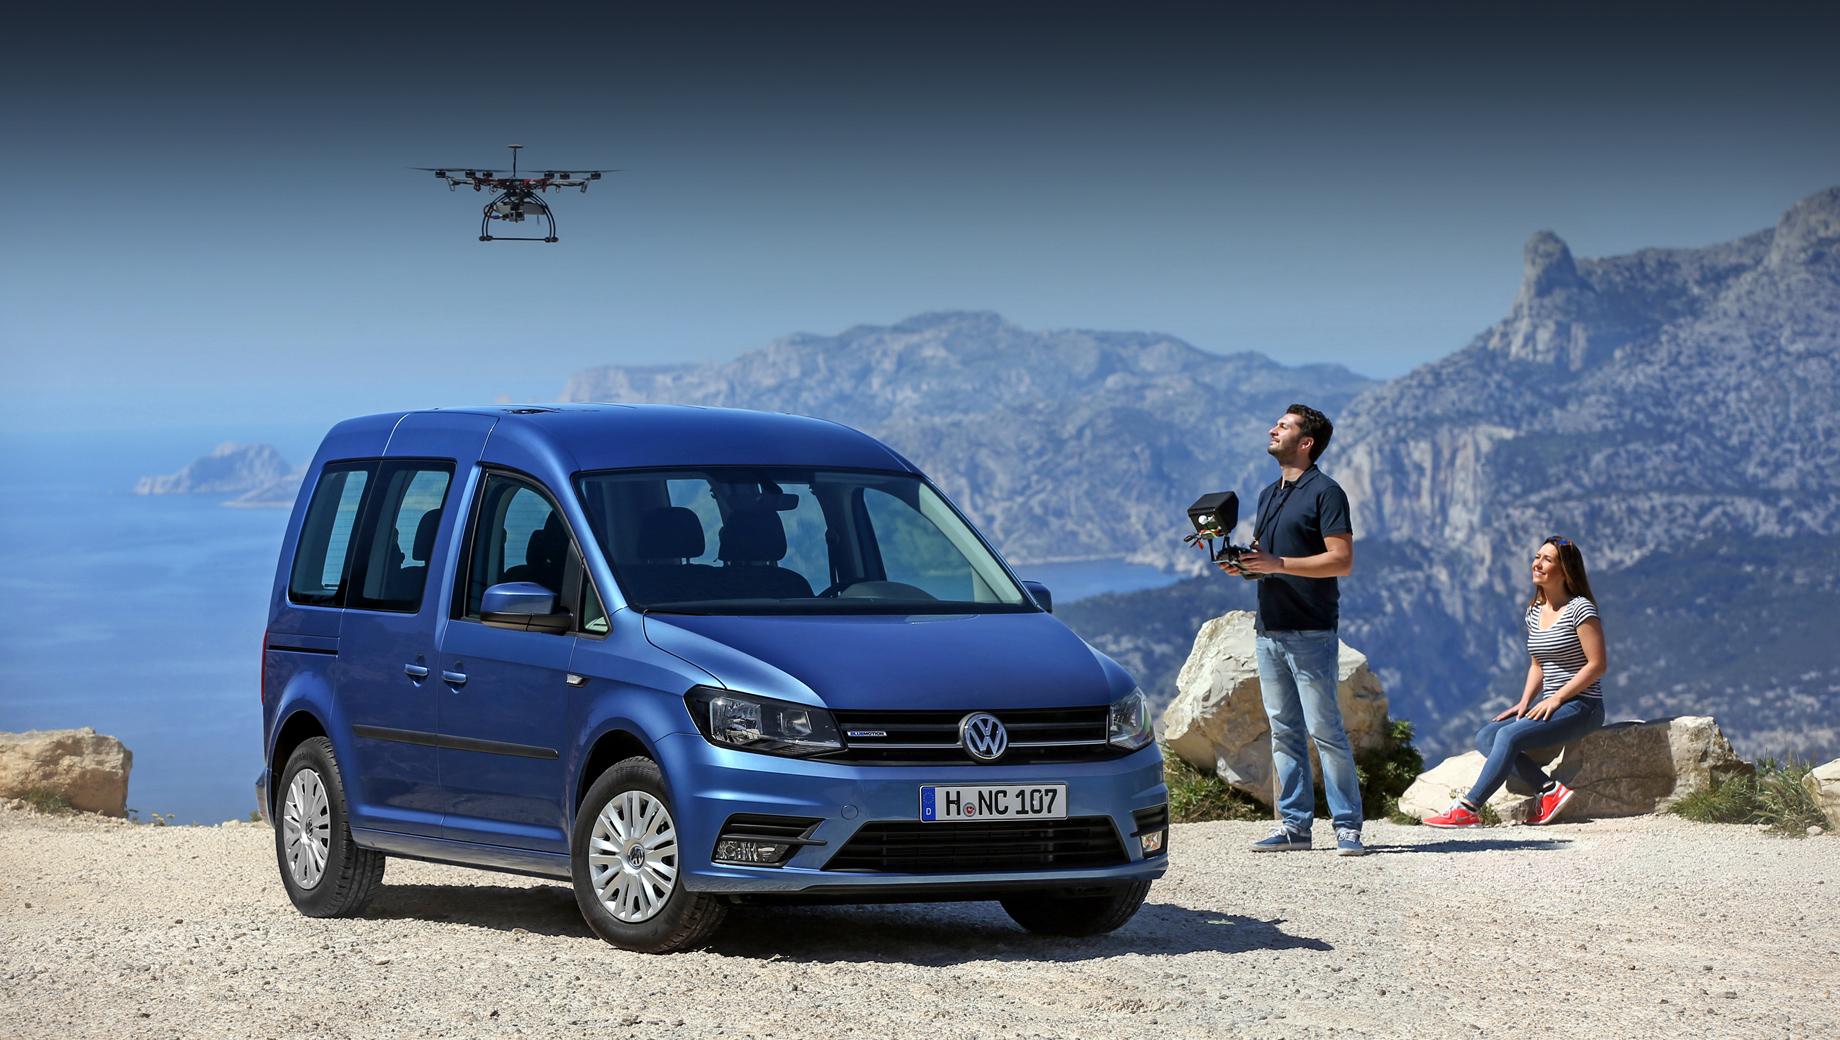 Volkswagen caddy. Caddy мелькает в отзывных кампаниях нечасто. В России его звали на сервис в 2019-м из-за некорректно выполненной обивки передних сидений, способной повлиять на раскрытие боковых подушек безопасности. А ещё была кампания в 2020-м с проданными прототипами.